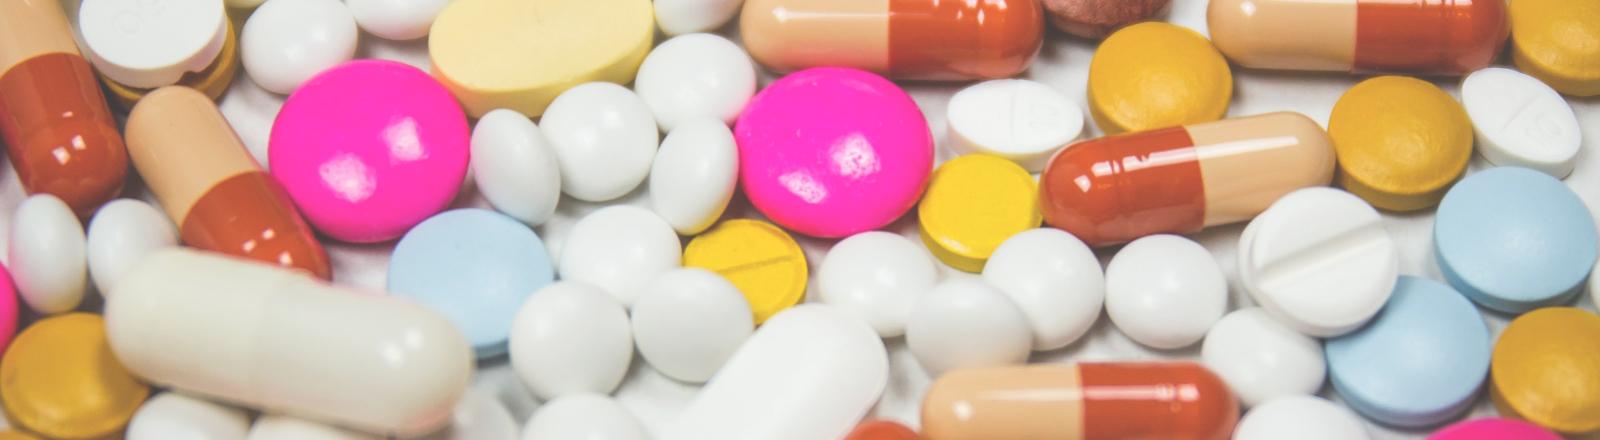 Ansammlung von unterschiedlichen Tabletten.